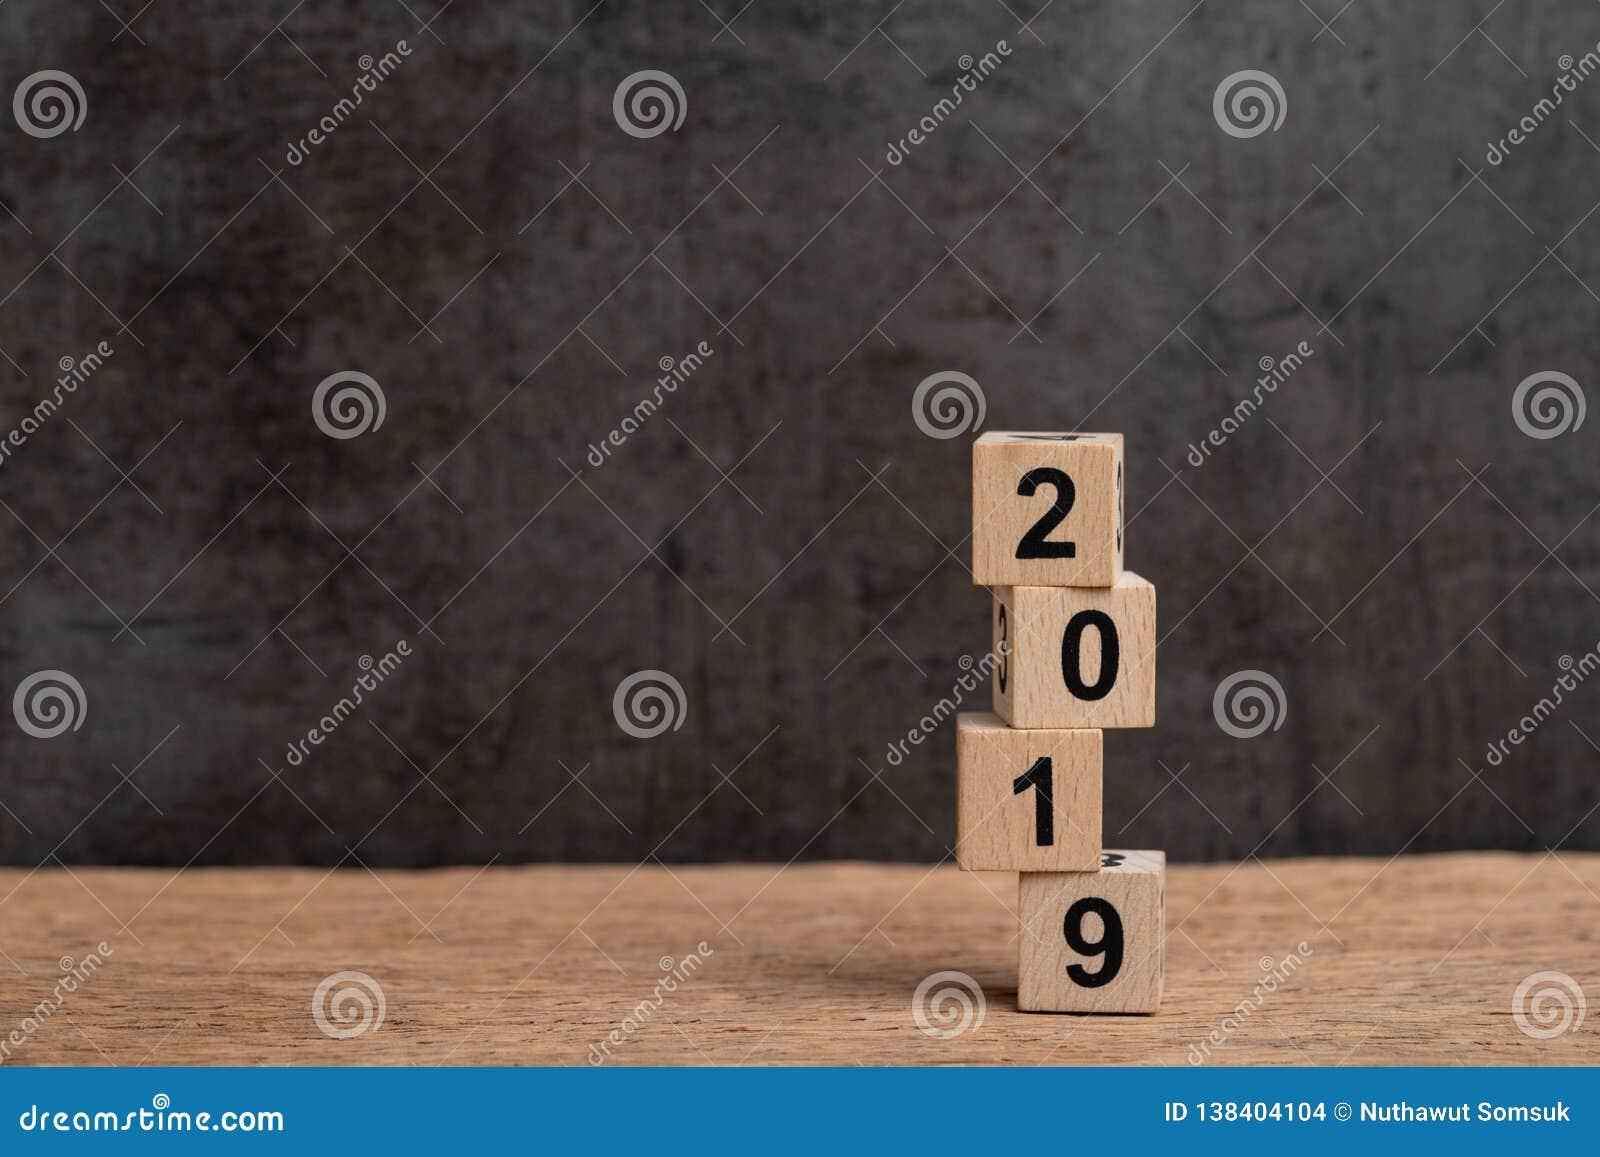 Risque et volatilité l année 2019 concept financier, de budget, d investissement ou d affaires, pile instable de bâtiment en bois